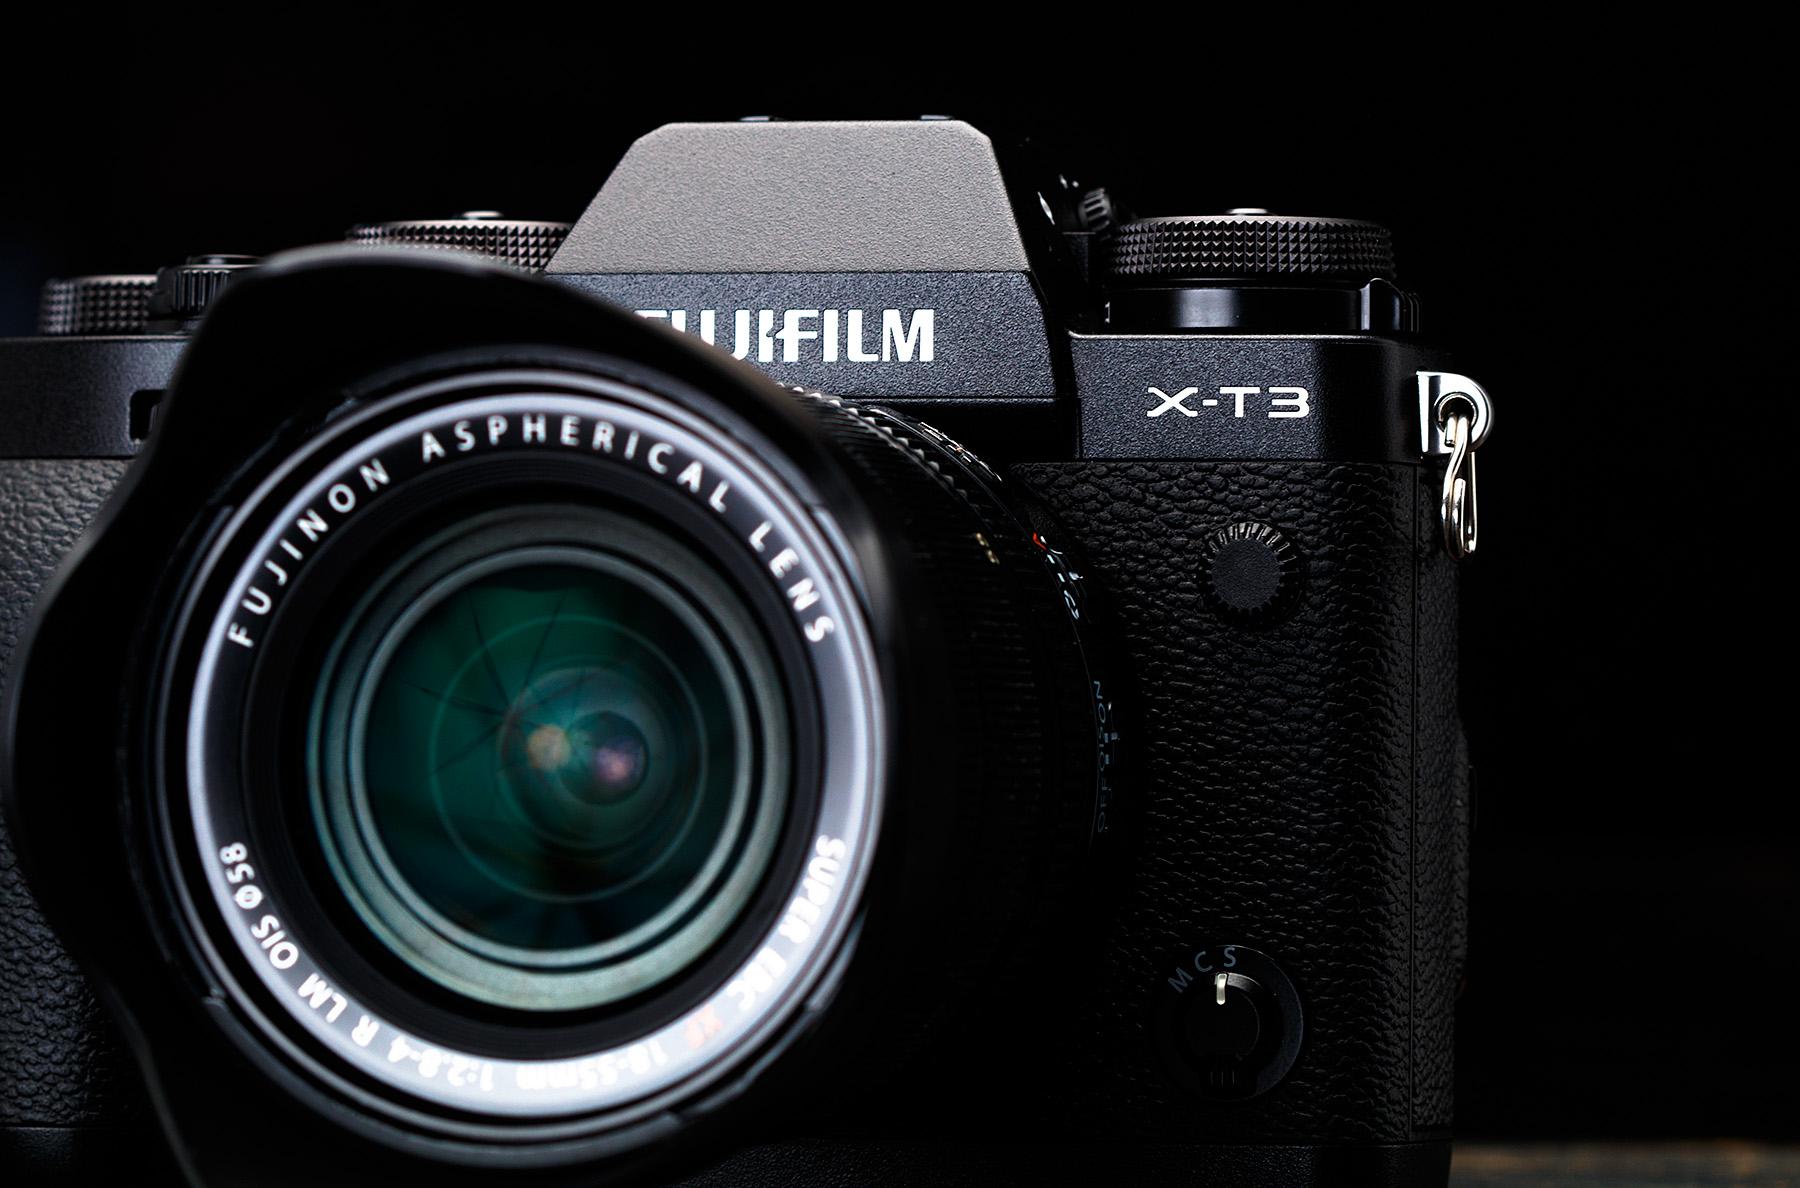 Camera Review: Fuji's New Mirrorless Camera, The XT3 1